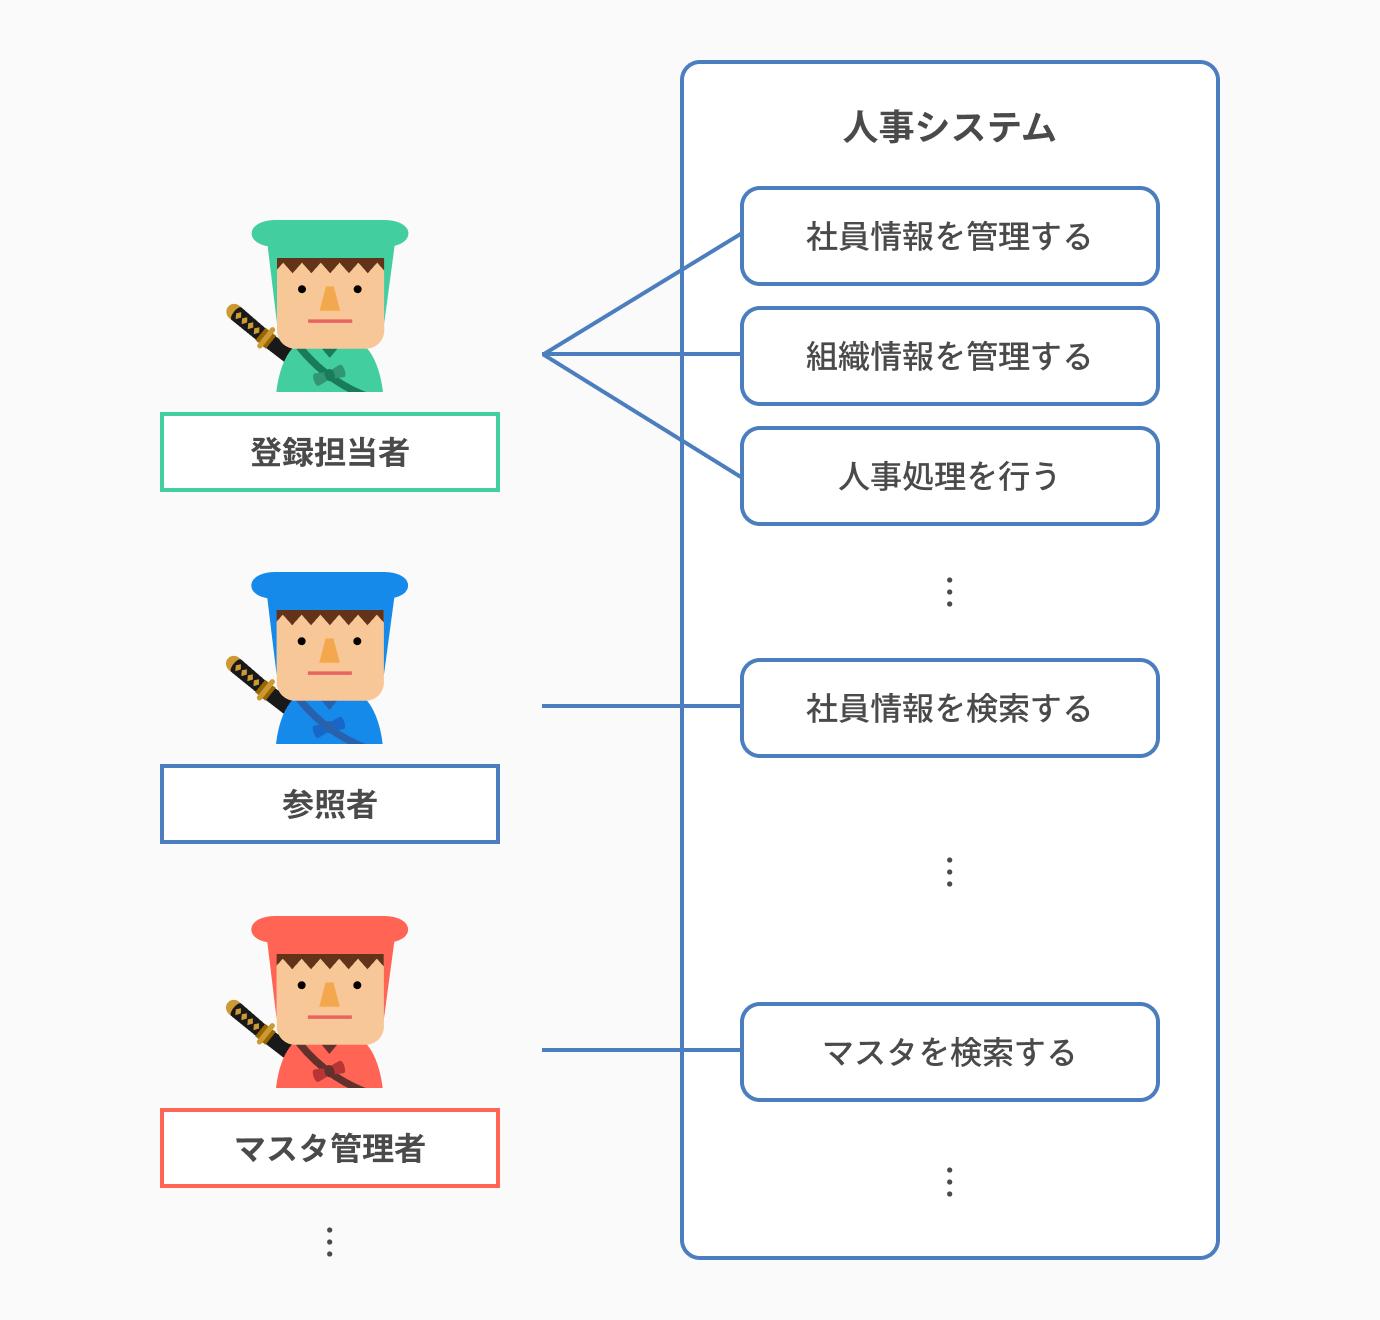 検討結果をユースケース図に反映させる_ユースケース図とは?書き方や注意点を初心者でも分かるように解説